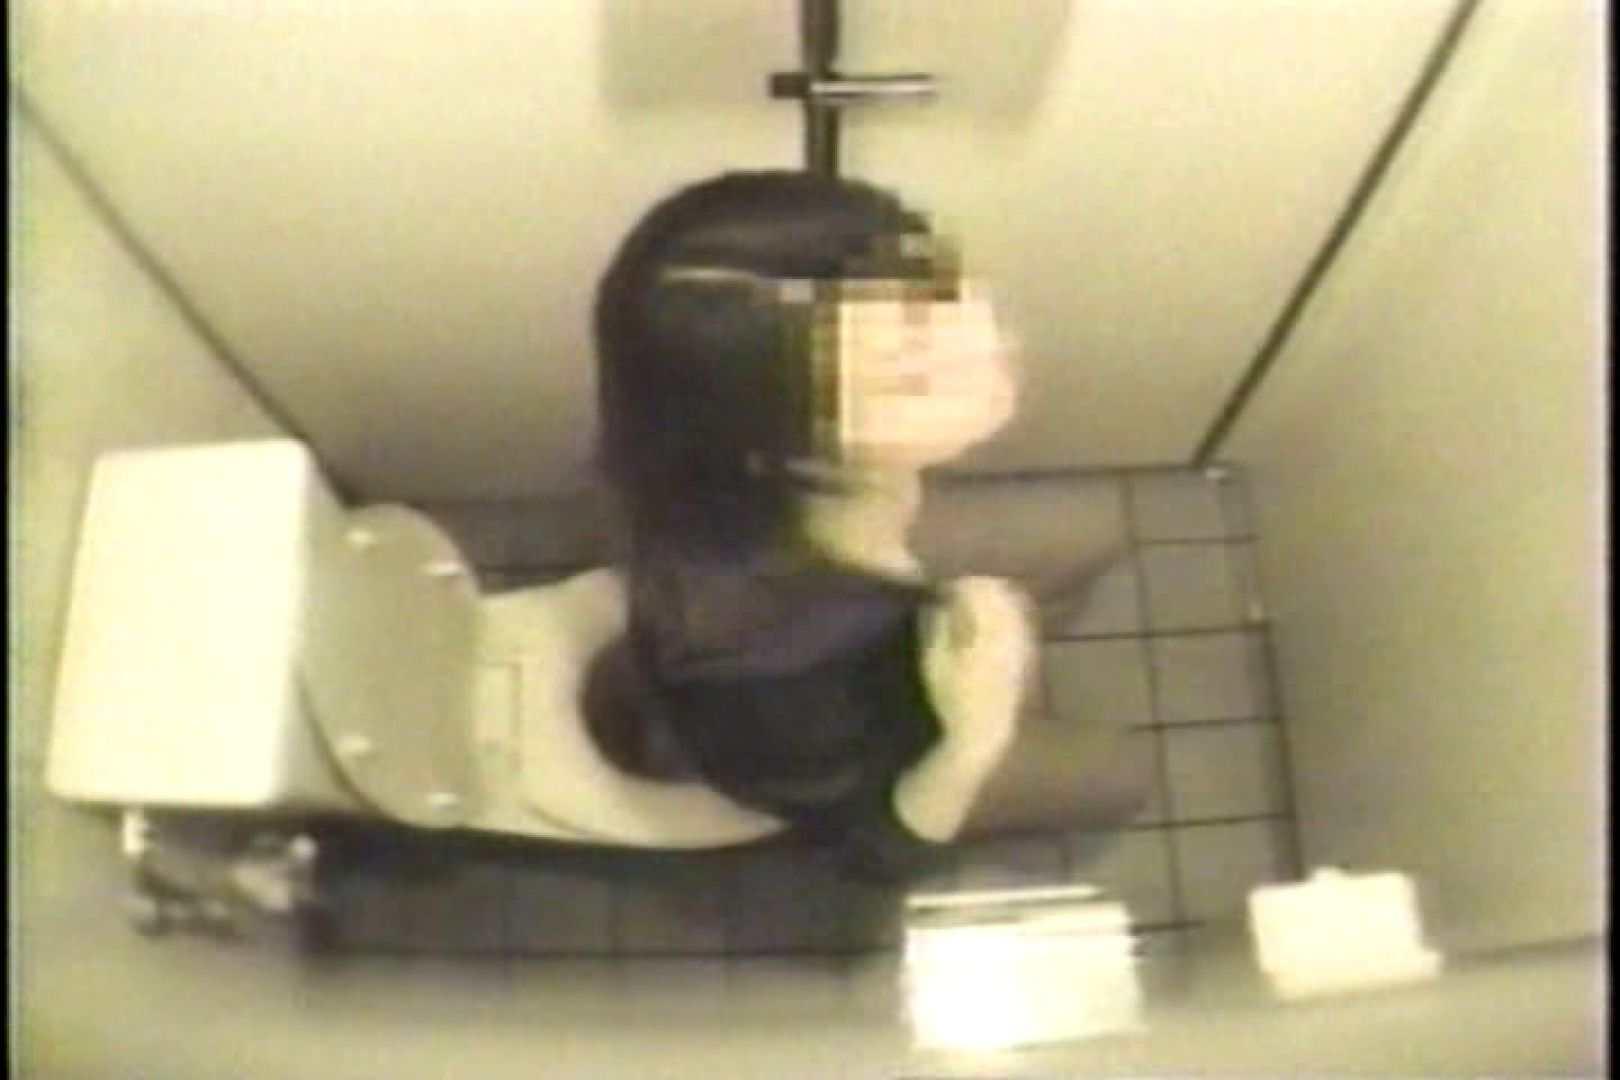 盗撮 女子洗面所3ヶ所入ってしゃがんで音出して プライベート  109連発 68